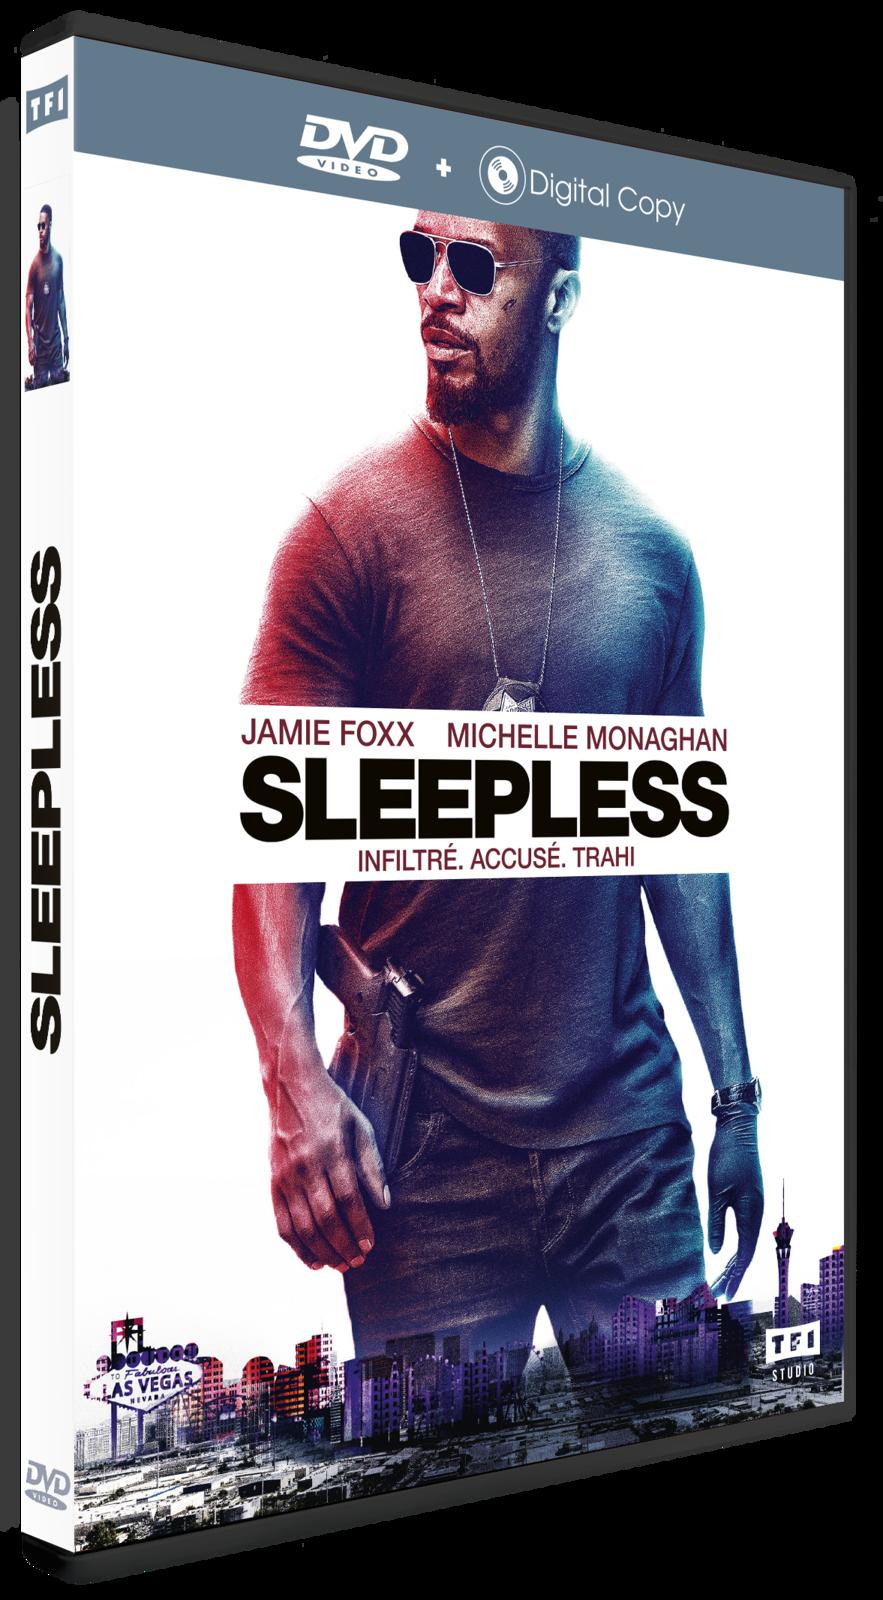 Sleepless : en vidéo depuis le 12 décembre 2017